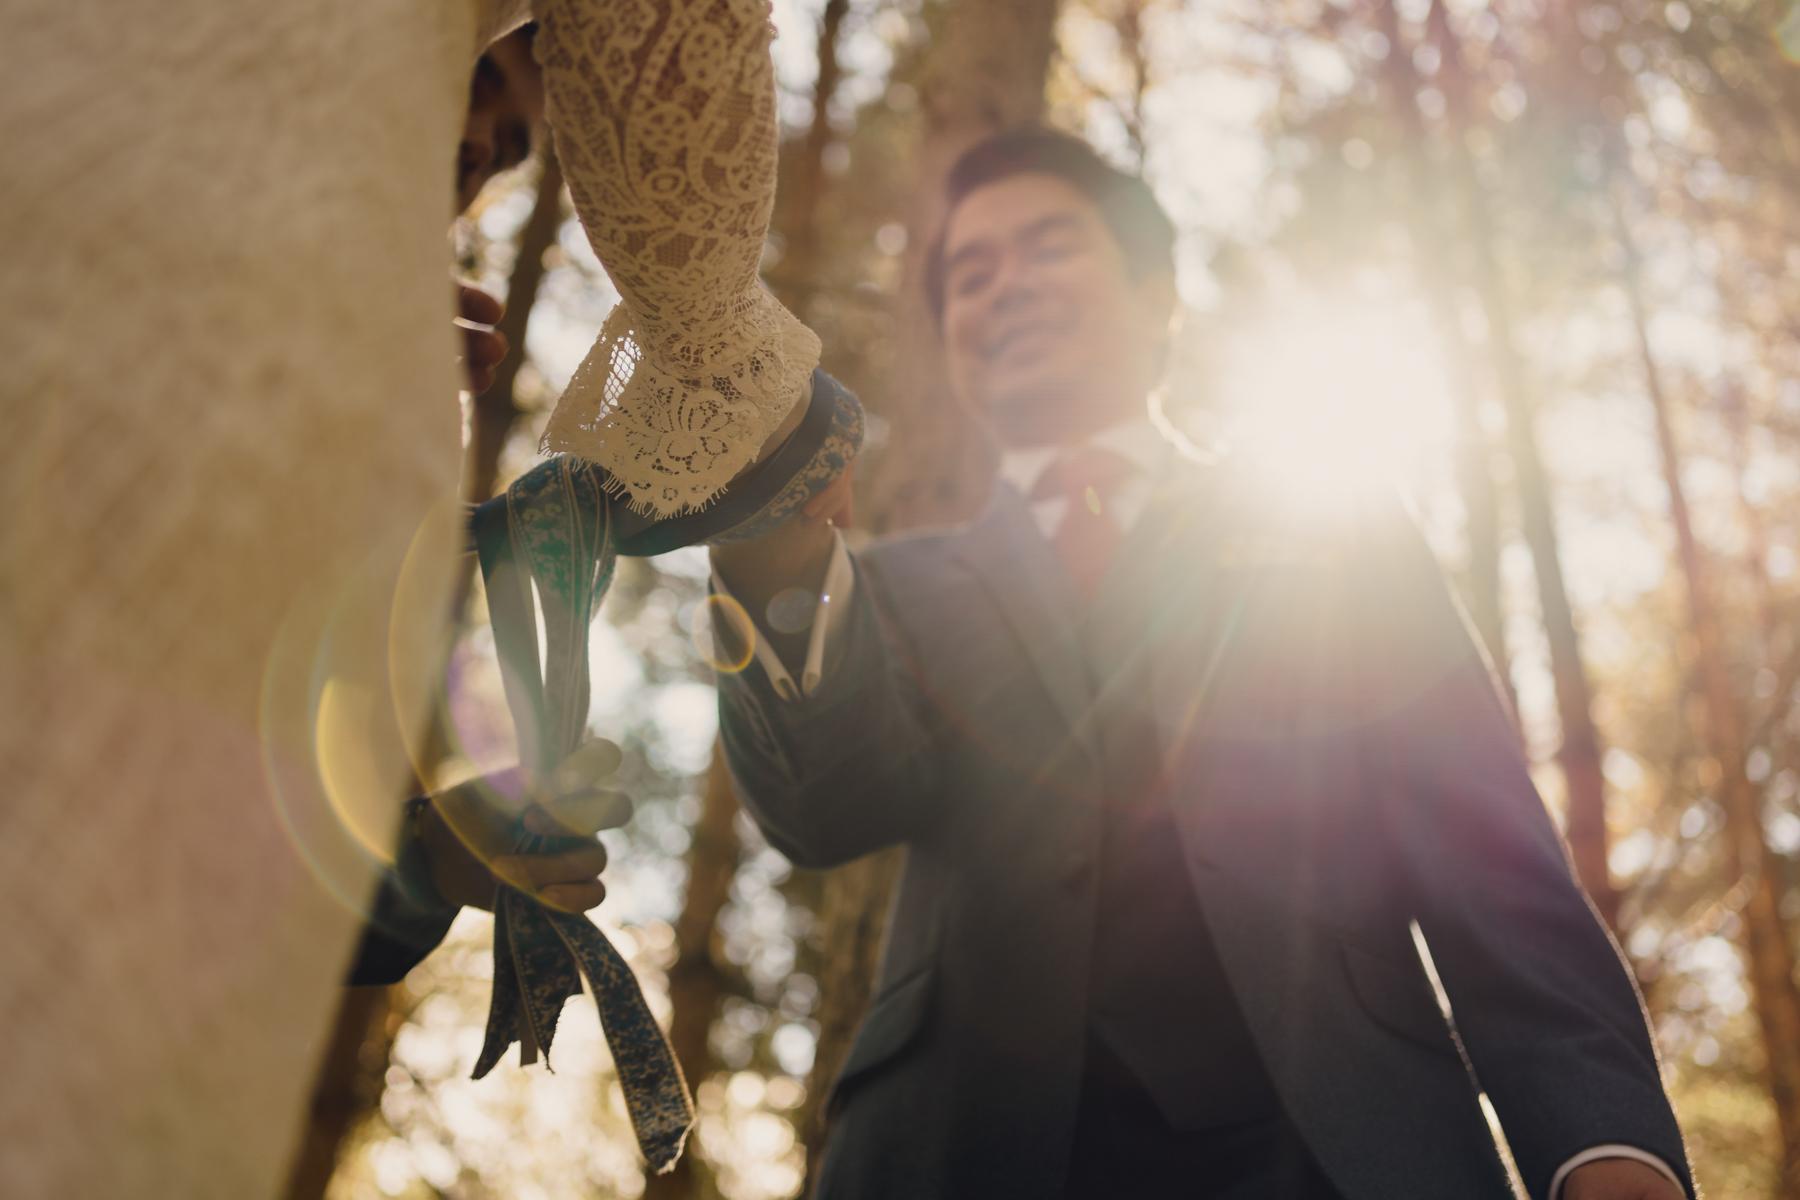 苏格兰的婚礼摄影师| 新娘和新郎结合了苏格兰的打结传统。